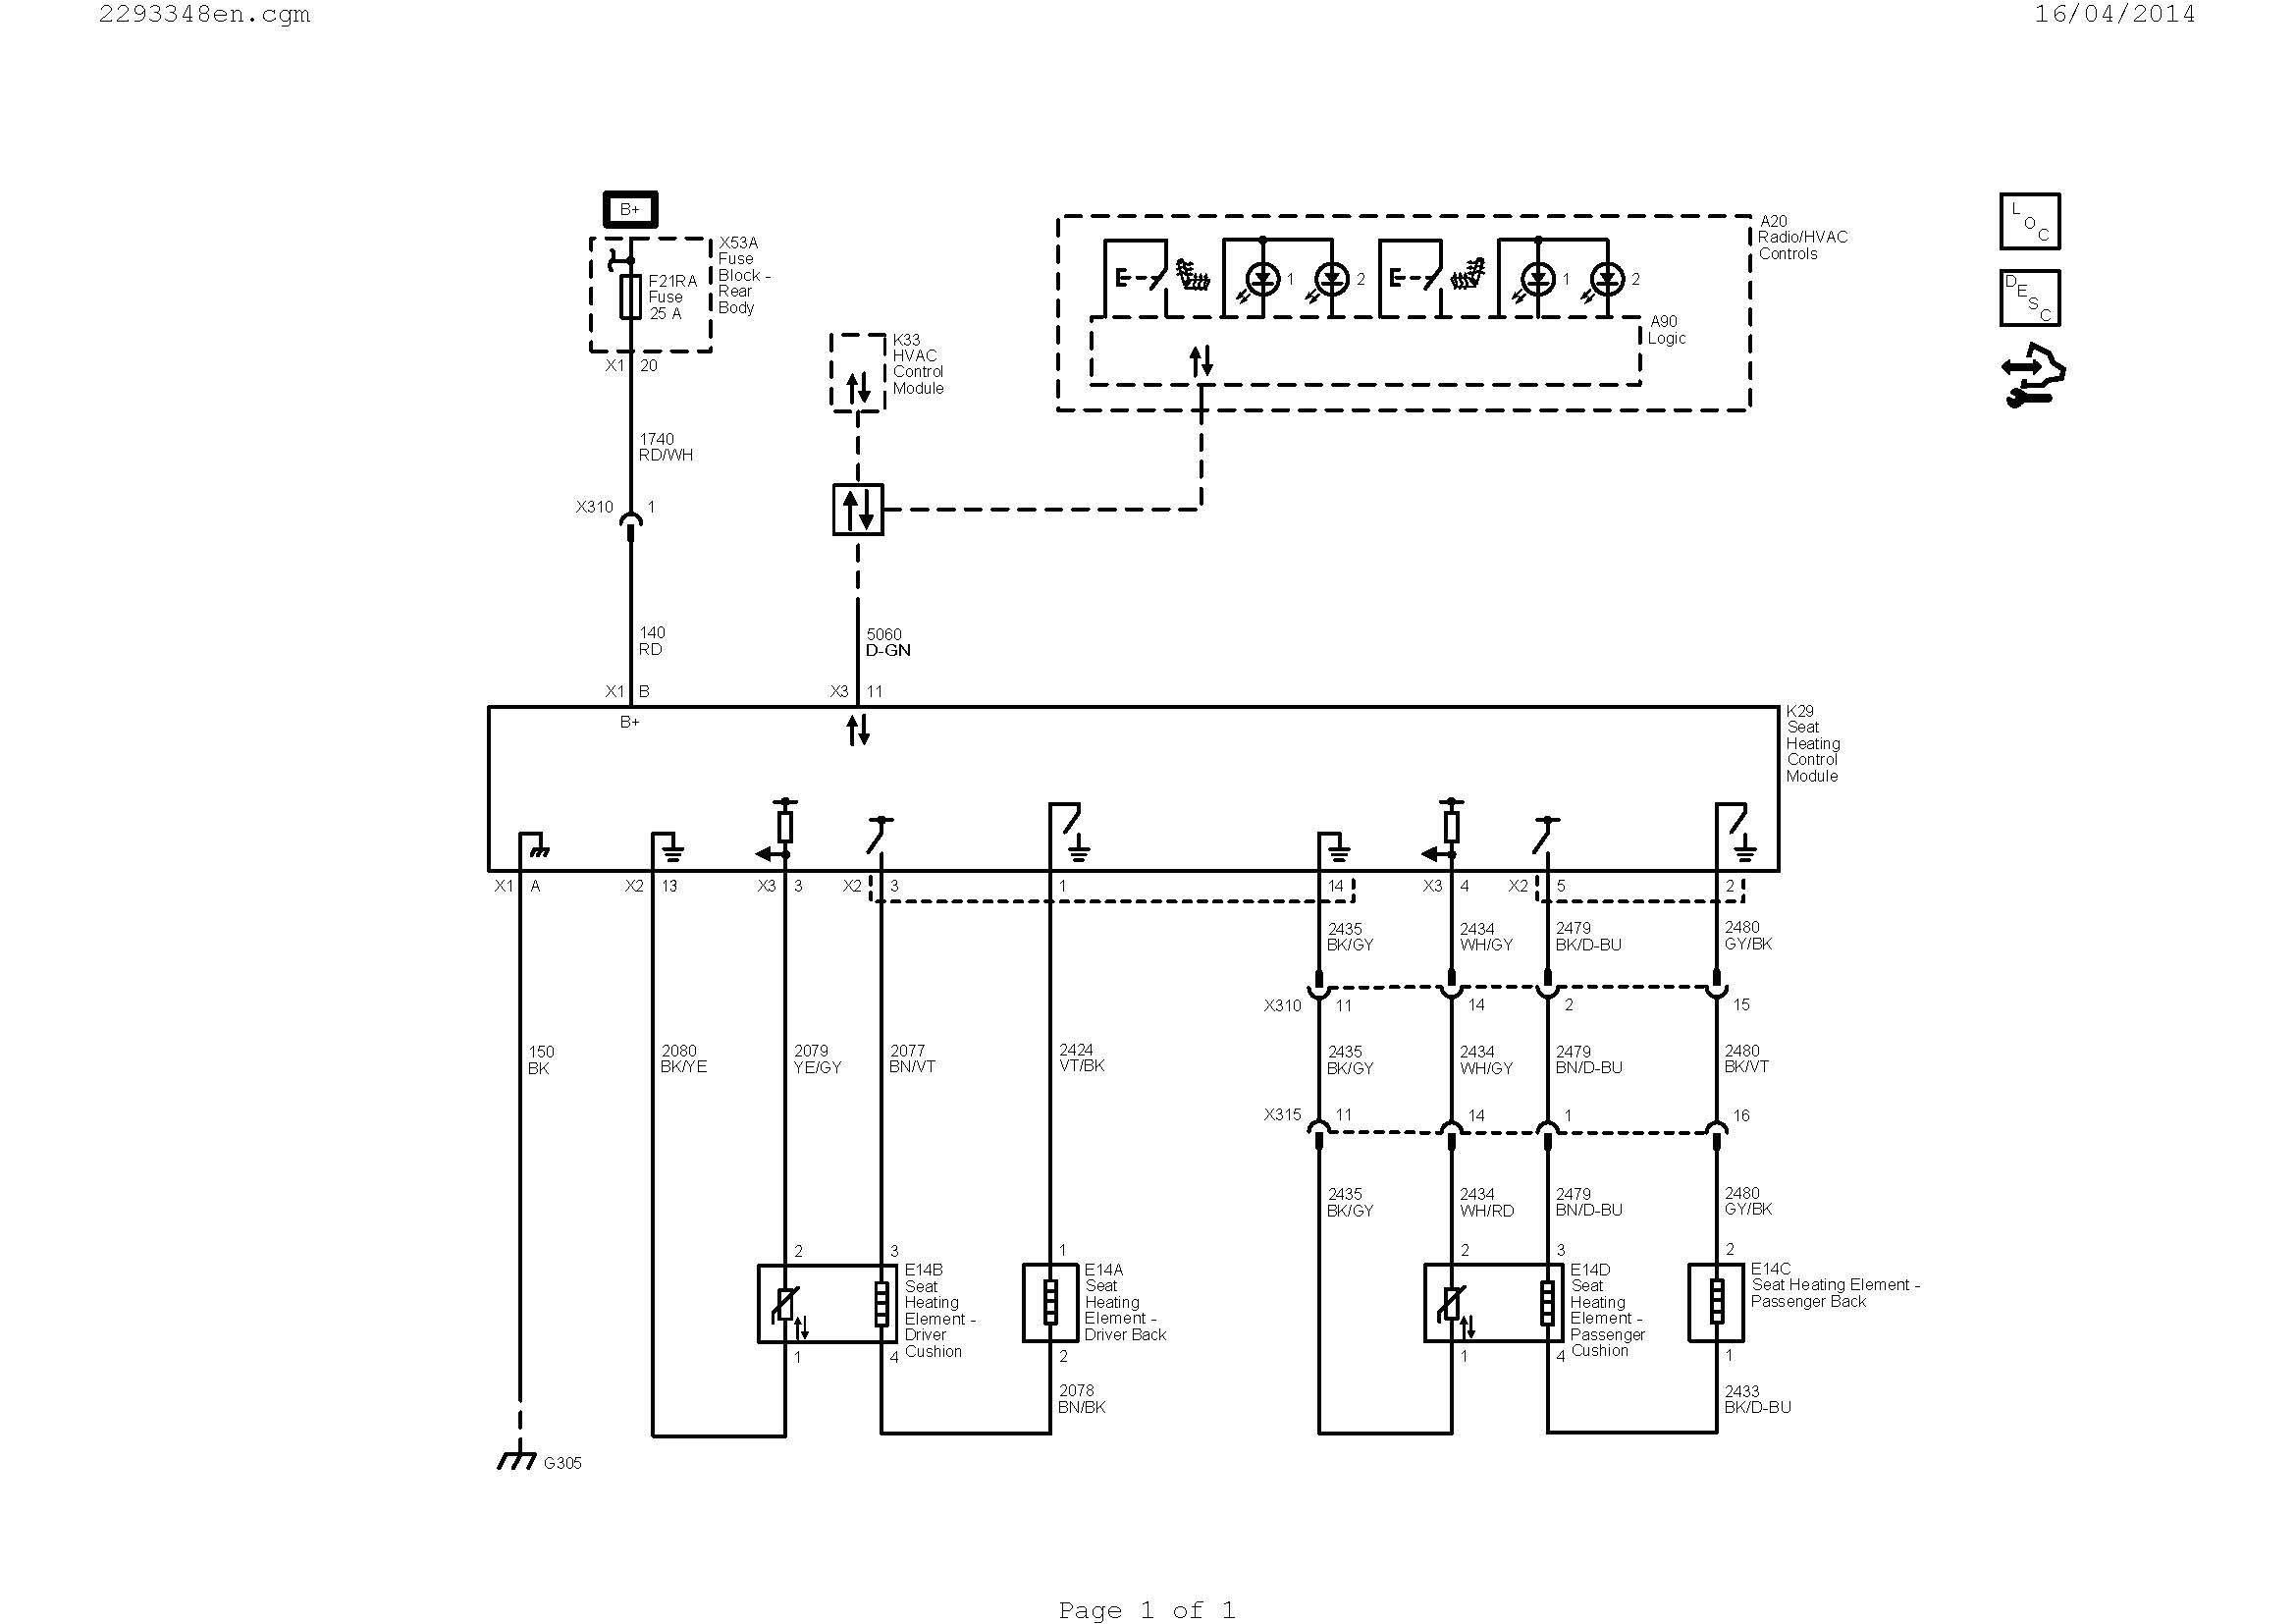 trailer kes wiring diagram use wiring diagram trailer kes wiring diagram